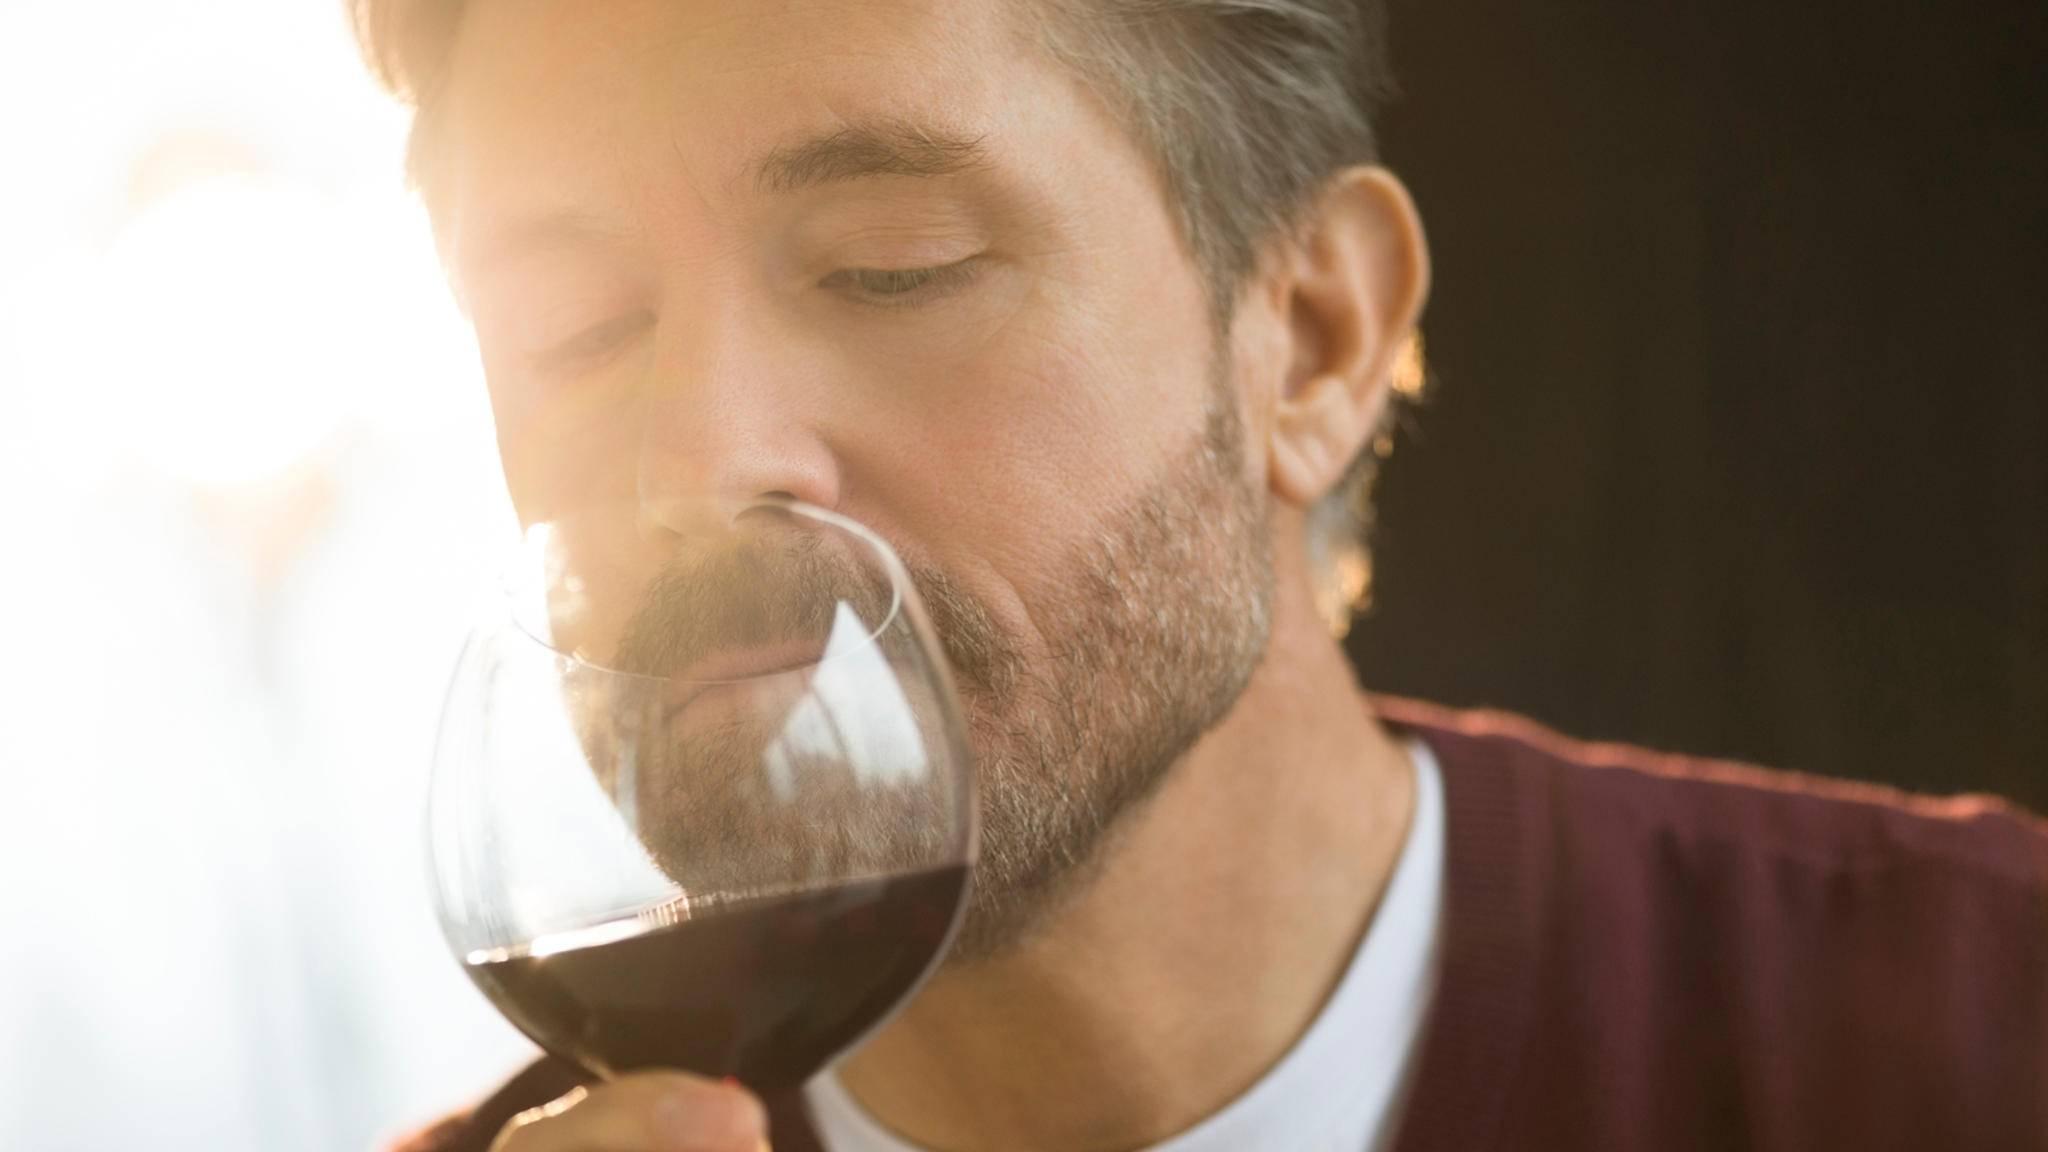 Wer hätte das gedacht: Weinproben fordern das Gehirn in hohem Maße.